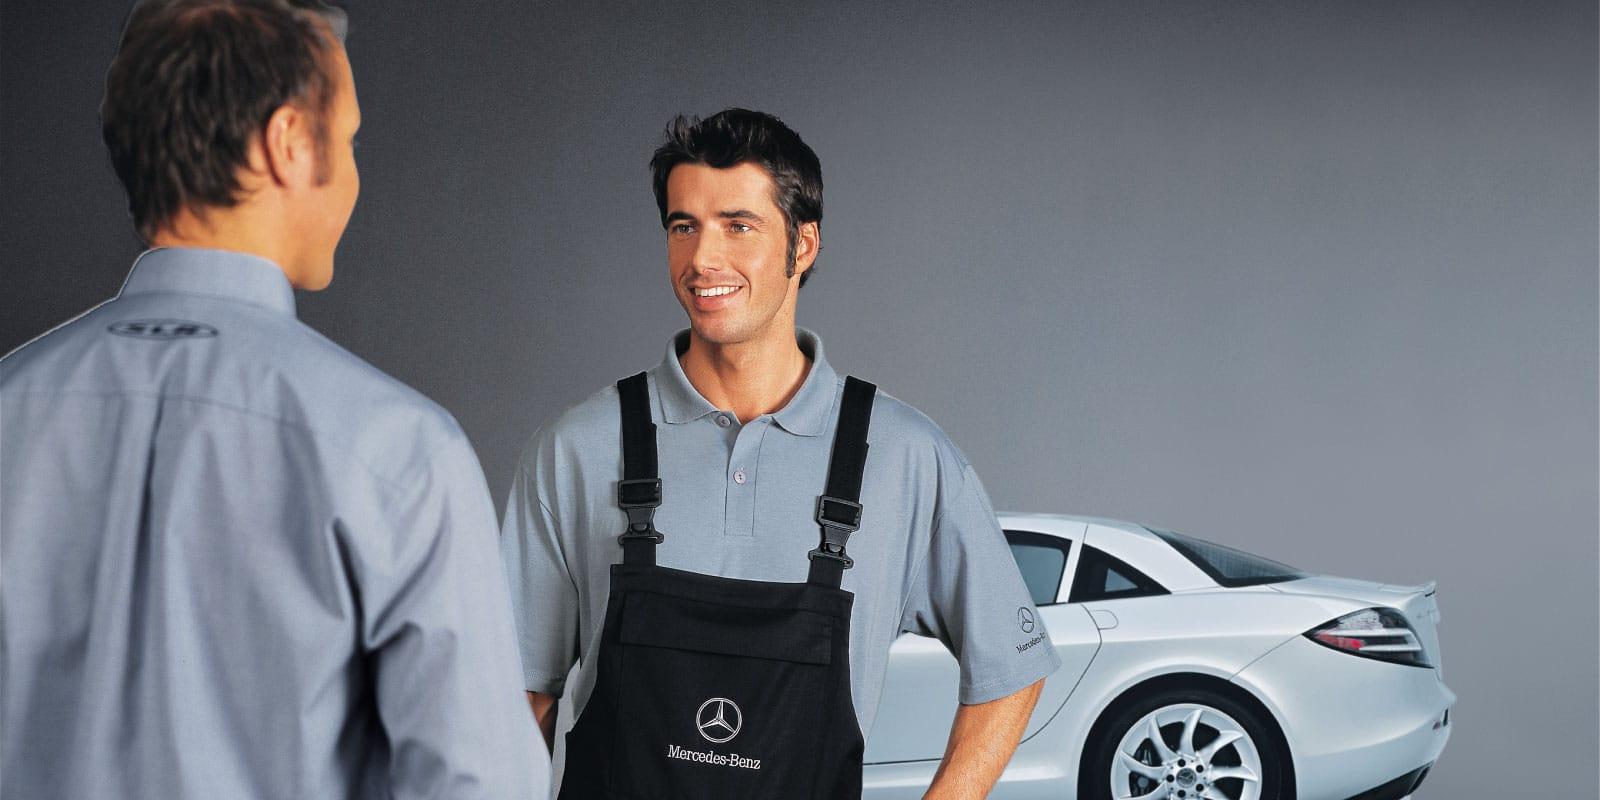 Mercedes-Benz – Broschüre Arbeitskleidung SLR